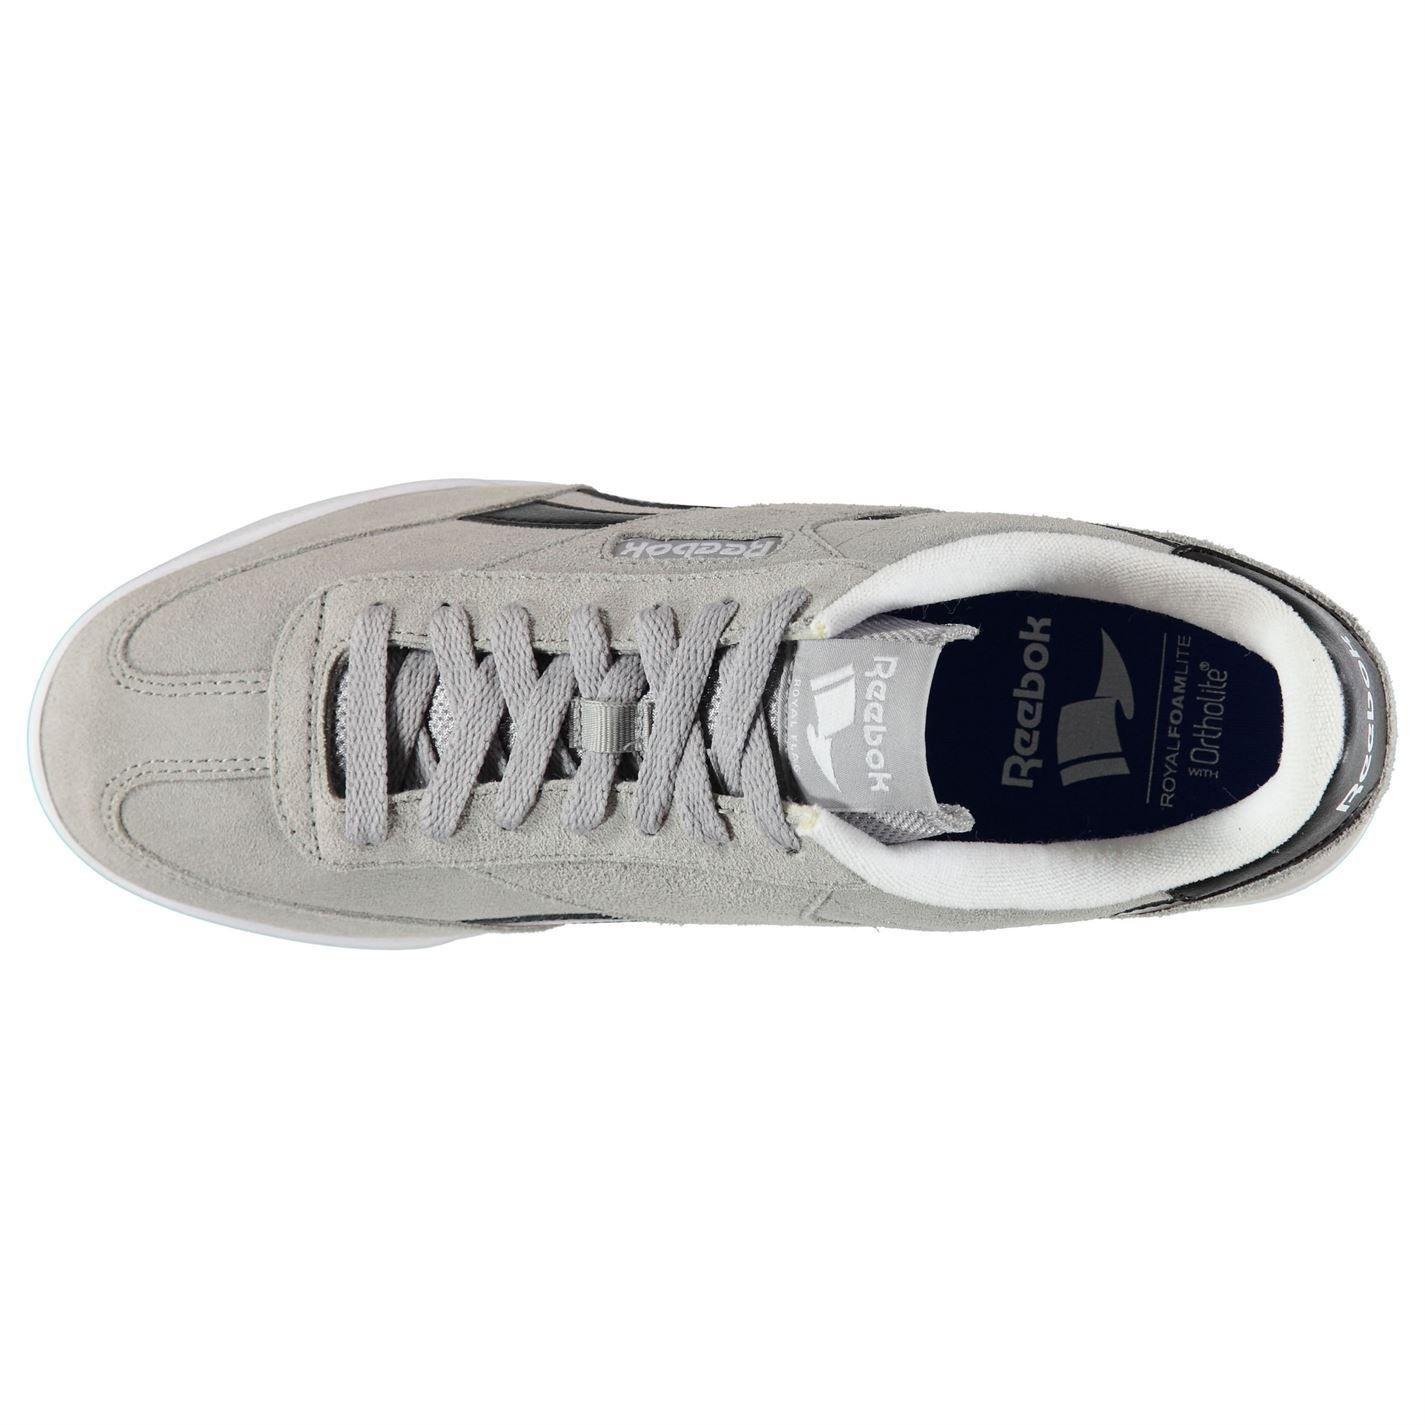 08235dc8d9db9 Reebok Rayen Boîte formateurs en daim pour homme Gris noir blanc Chaussures  Casual Sneakers